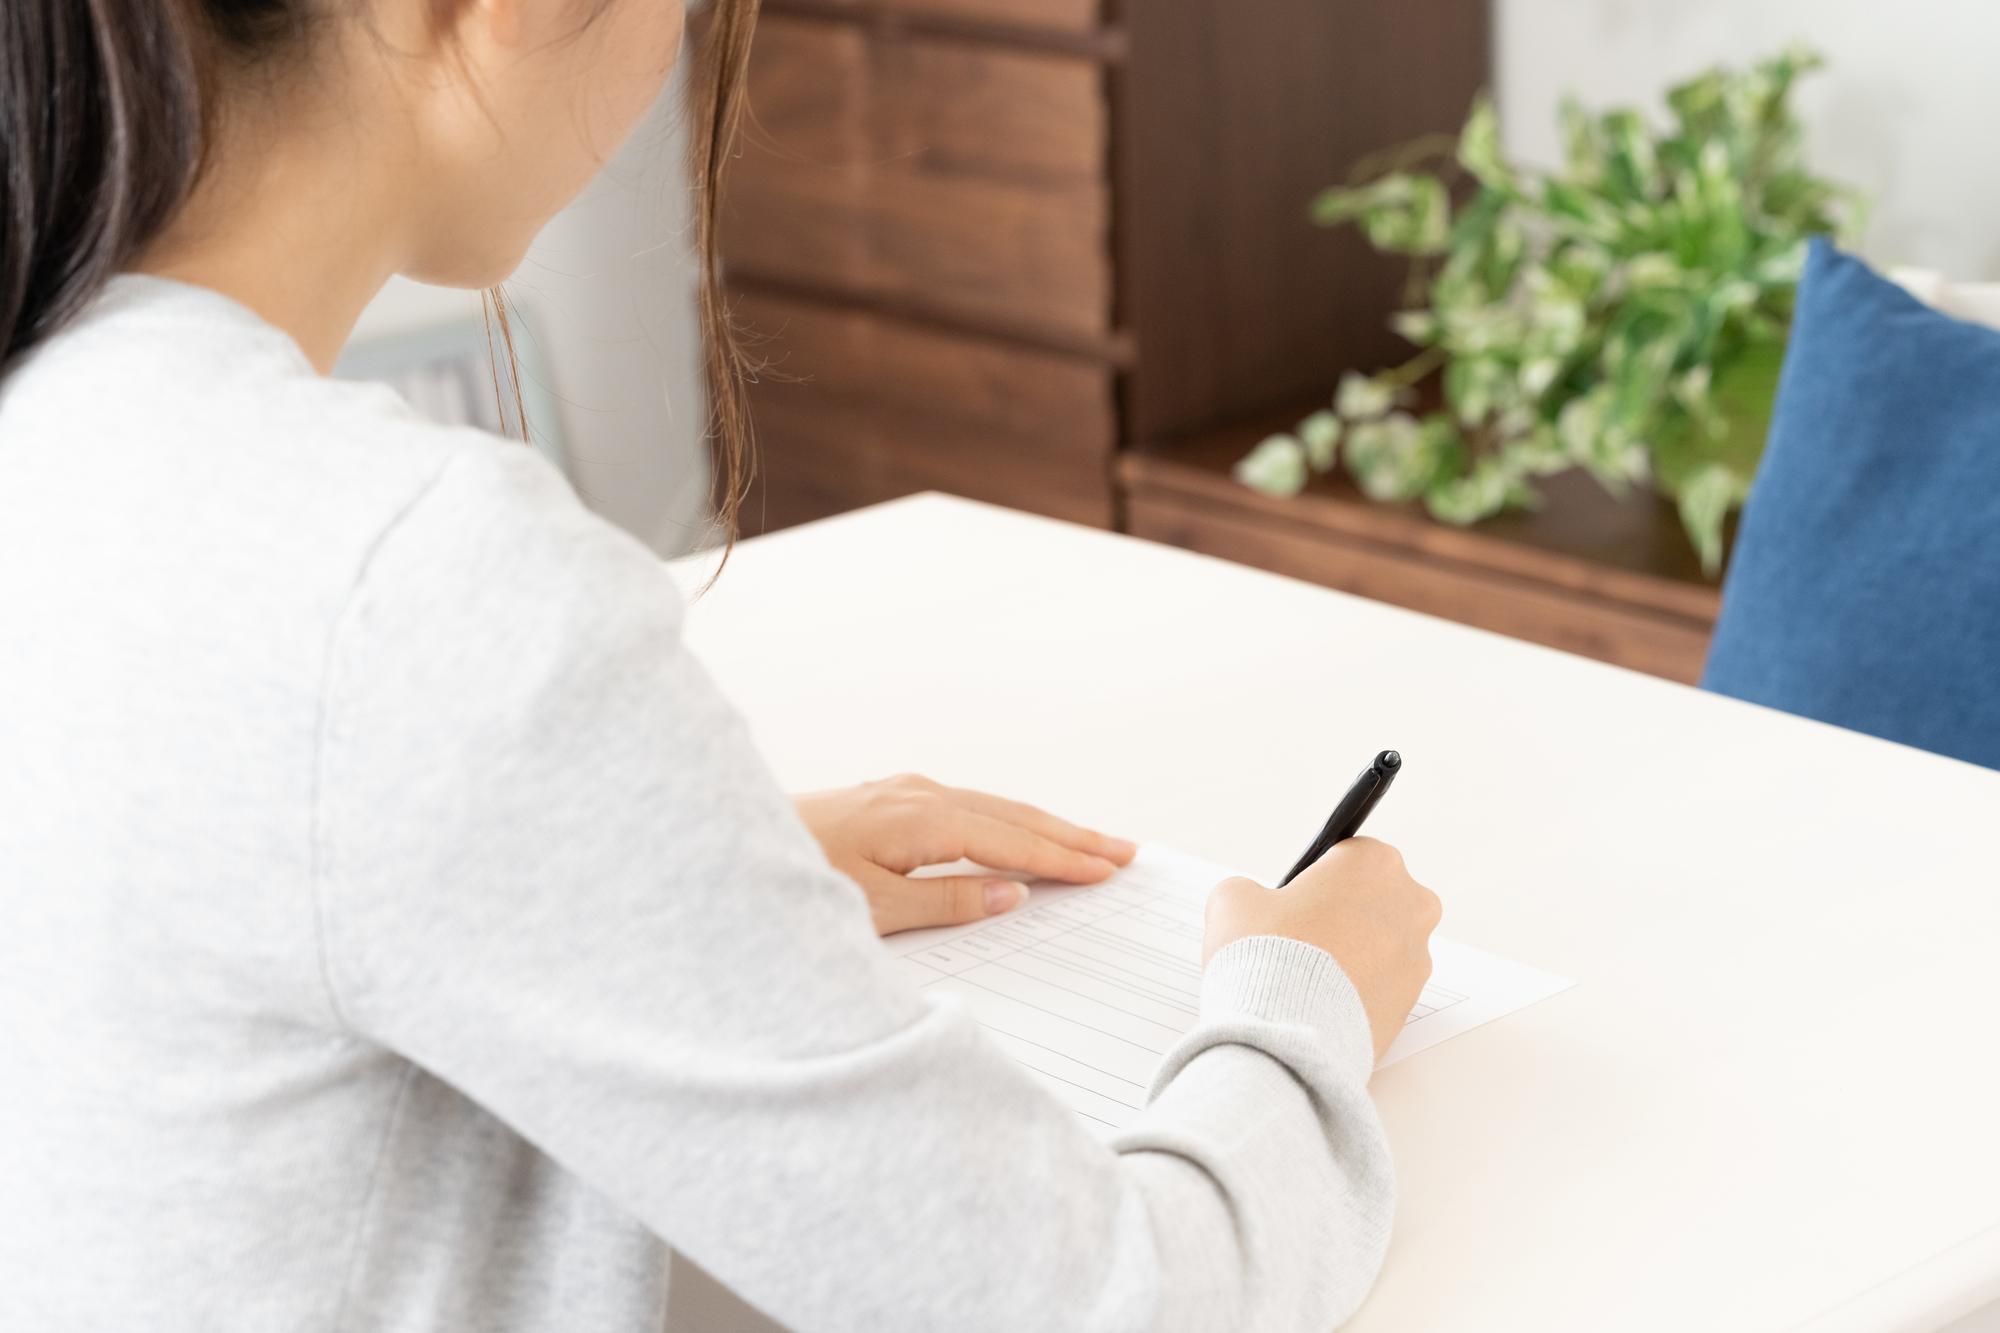 事務職の転職で成功するなら志望動機が重要!魅力が伝わる例文とNG例を紹介!